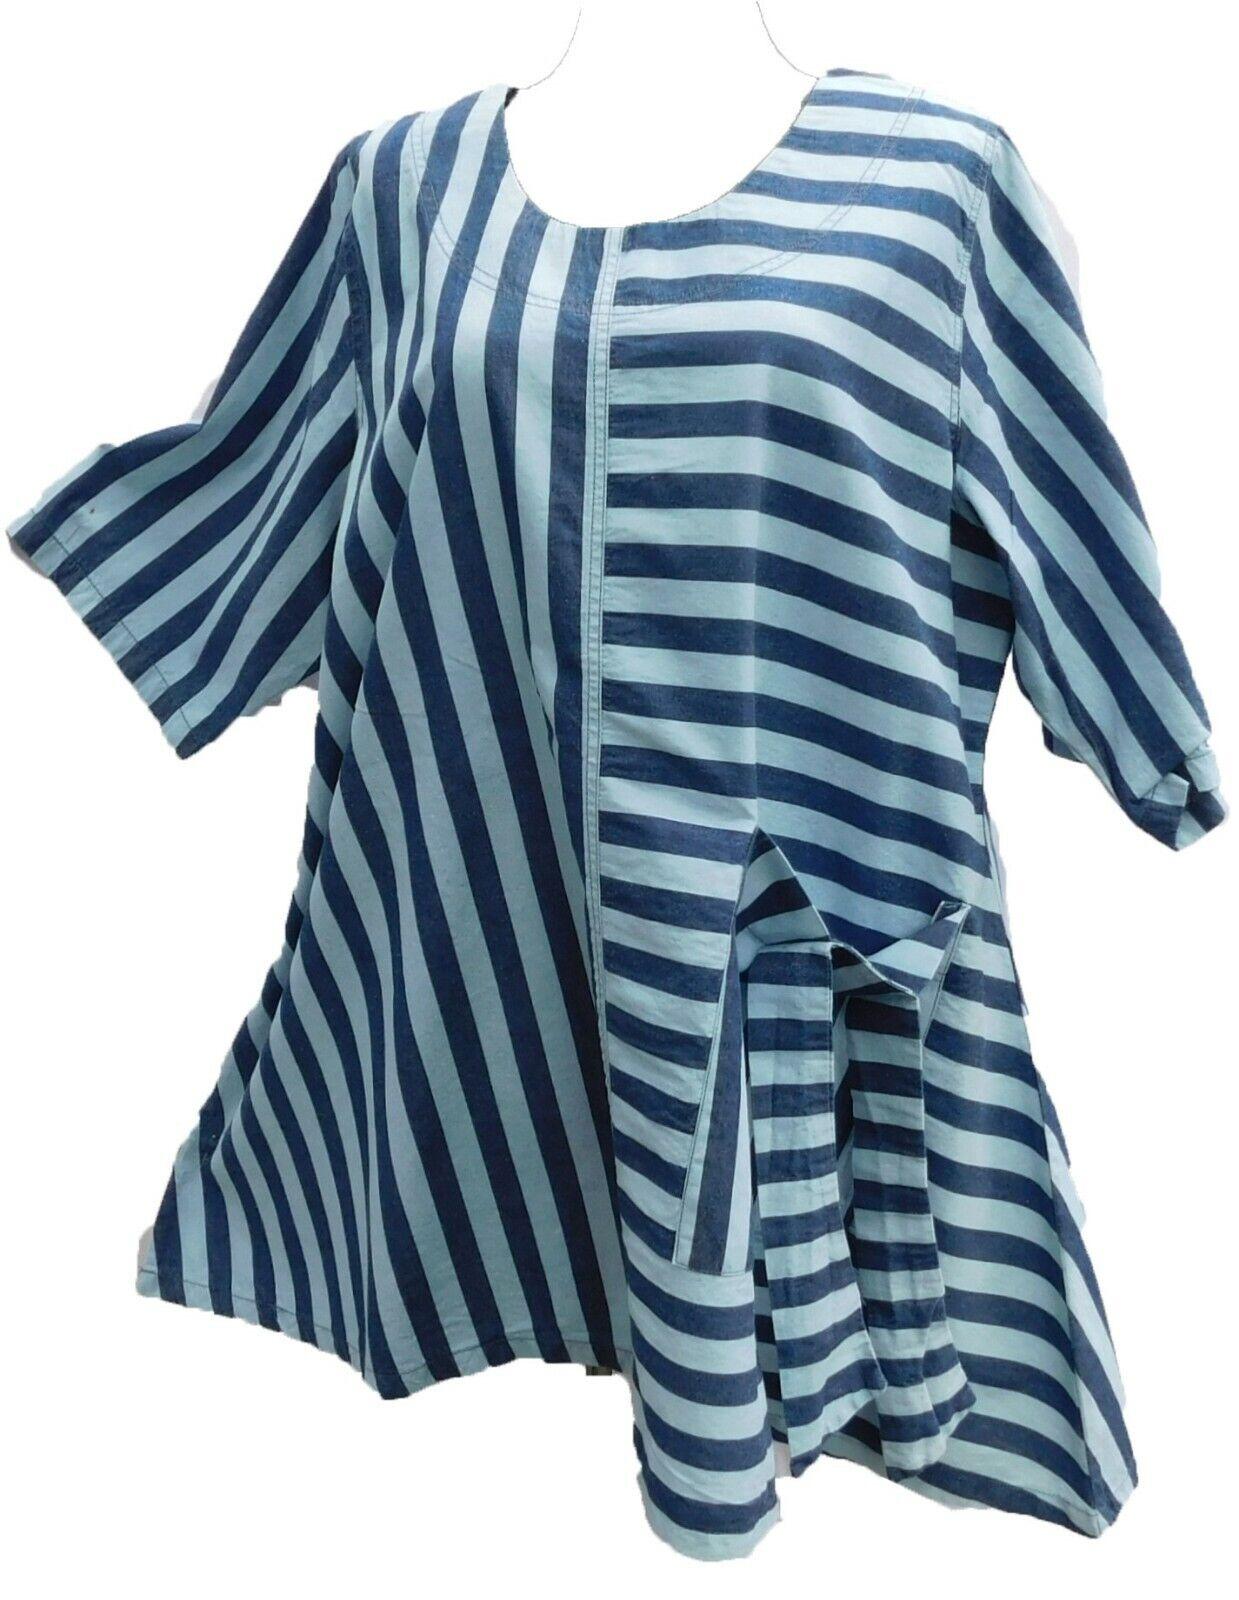 LABASS Tunika Shirt Jeans Look blau Lagenlook Streifen Baumwolle Gr. 56-58